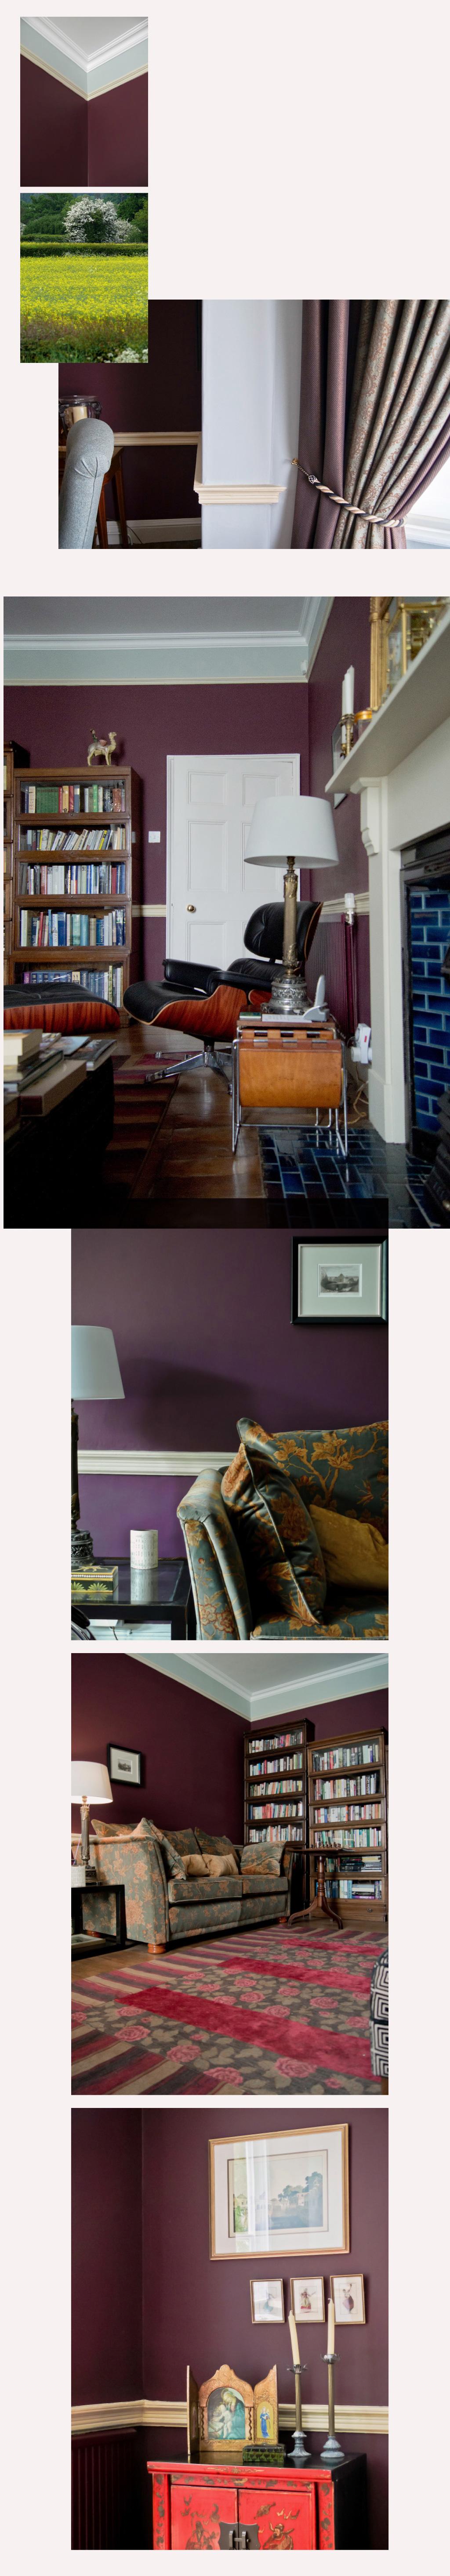 Hay-on-WyeWales – Harry Clark Interior Design / Innenarchitektur